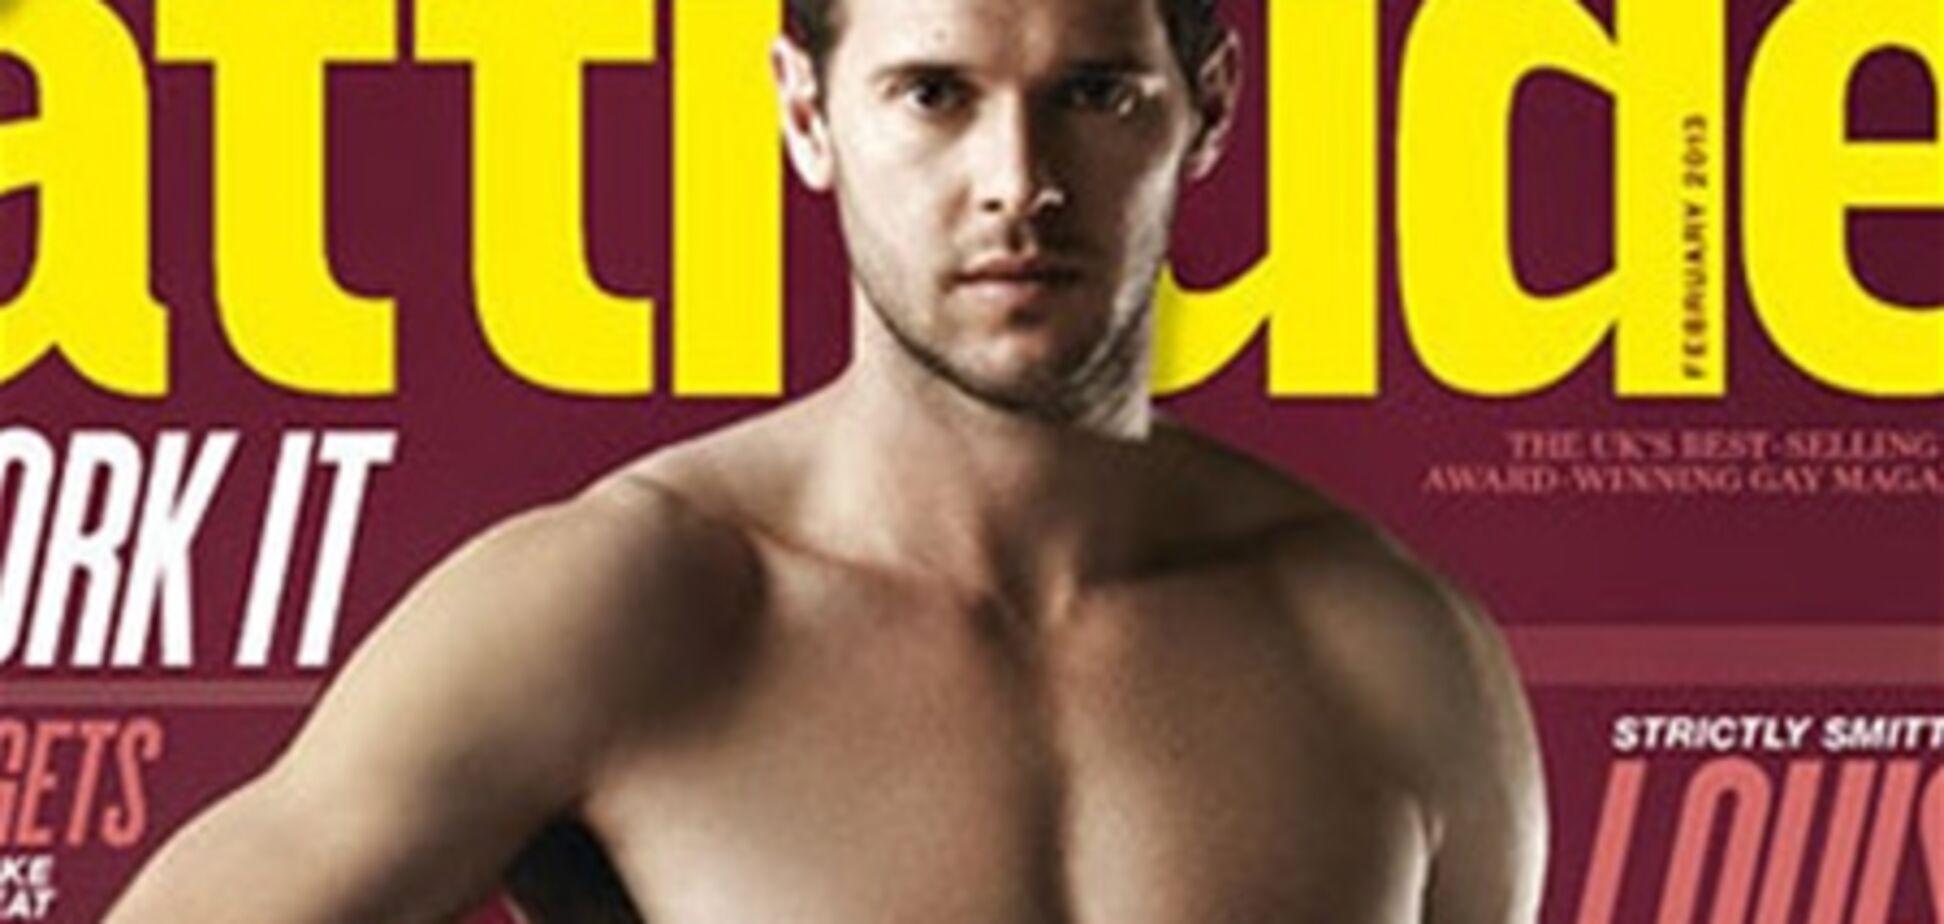 Известный футболист снялся для гей-журнала в знак протест